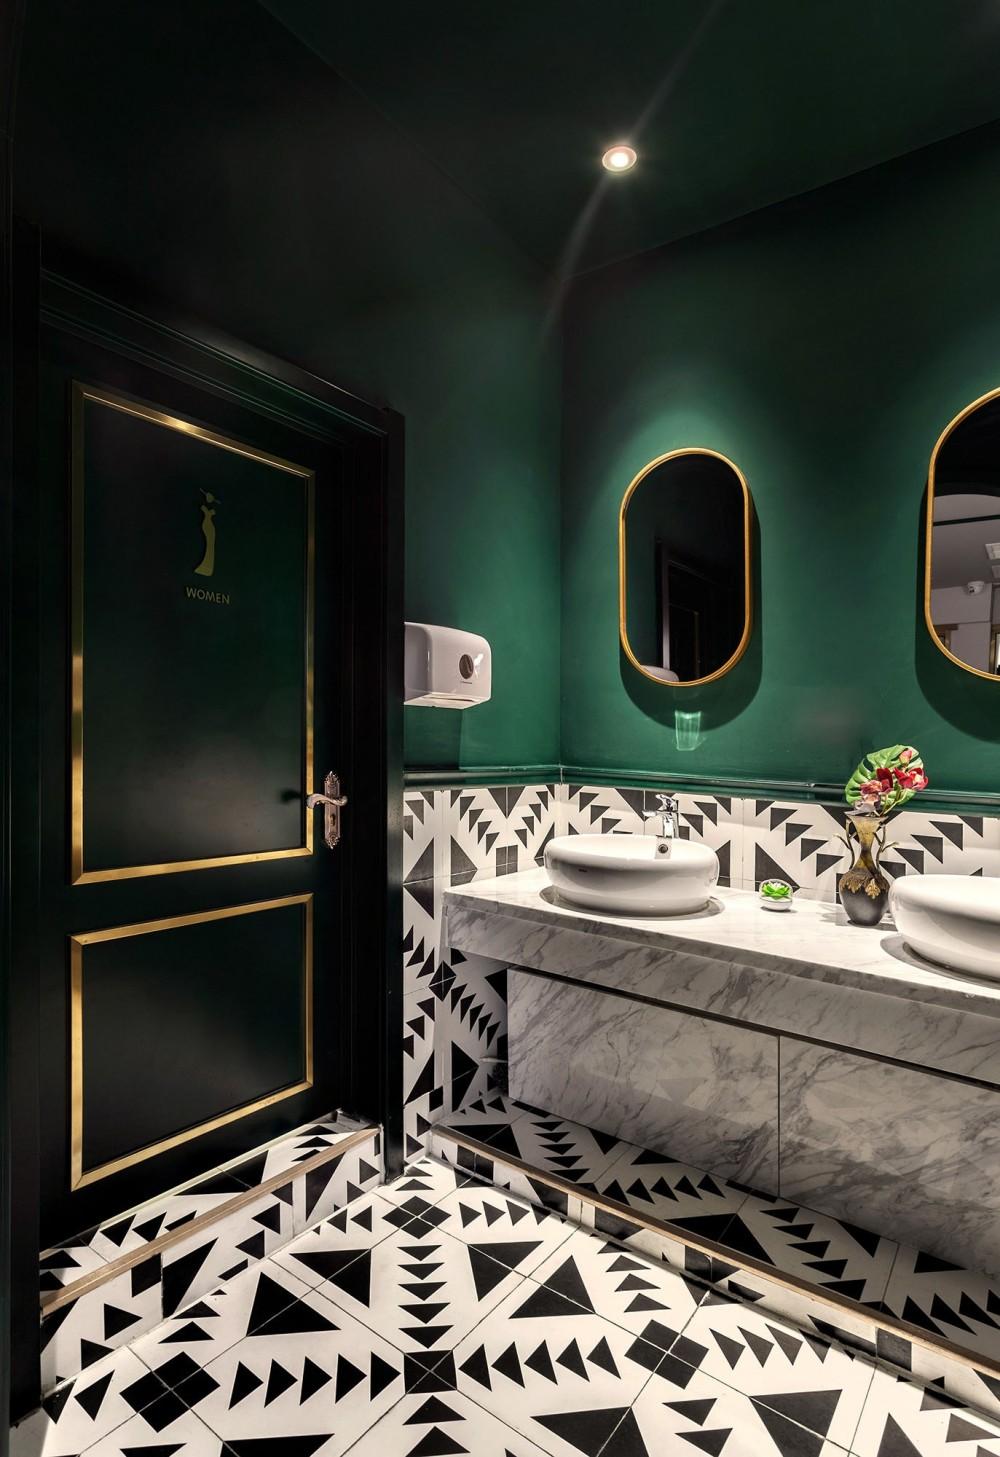 17-02-17-01-卫生间洗手区,对称的设计,墨绿色搭配黑白瓷砖,呼应复古主题Bathroomhandwashingarea,symmetricaldesign,darkgreenwithblackandwhitetiles,echoingtheretrotheme.jpg